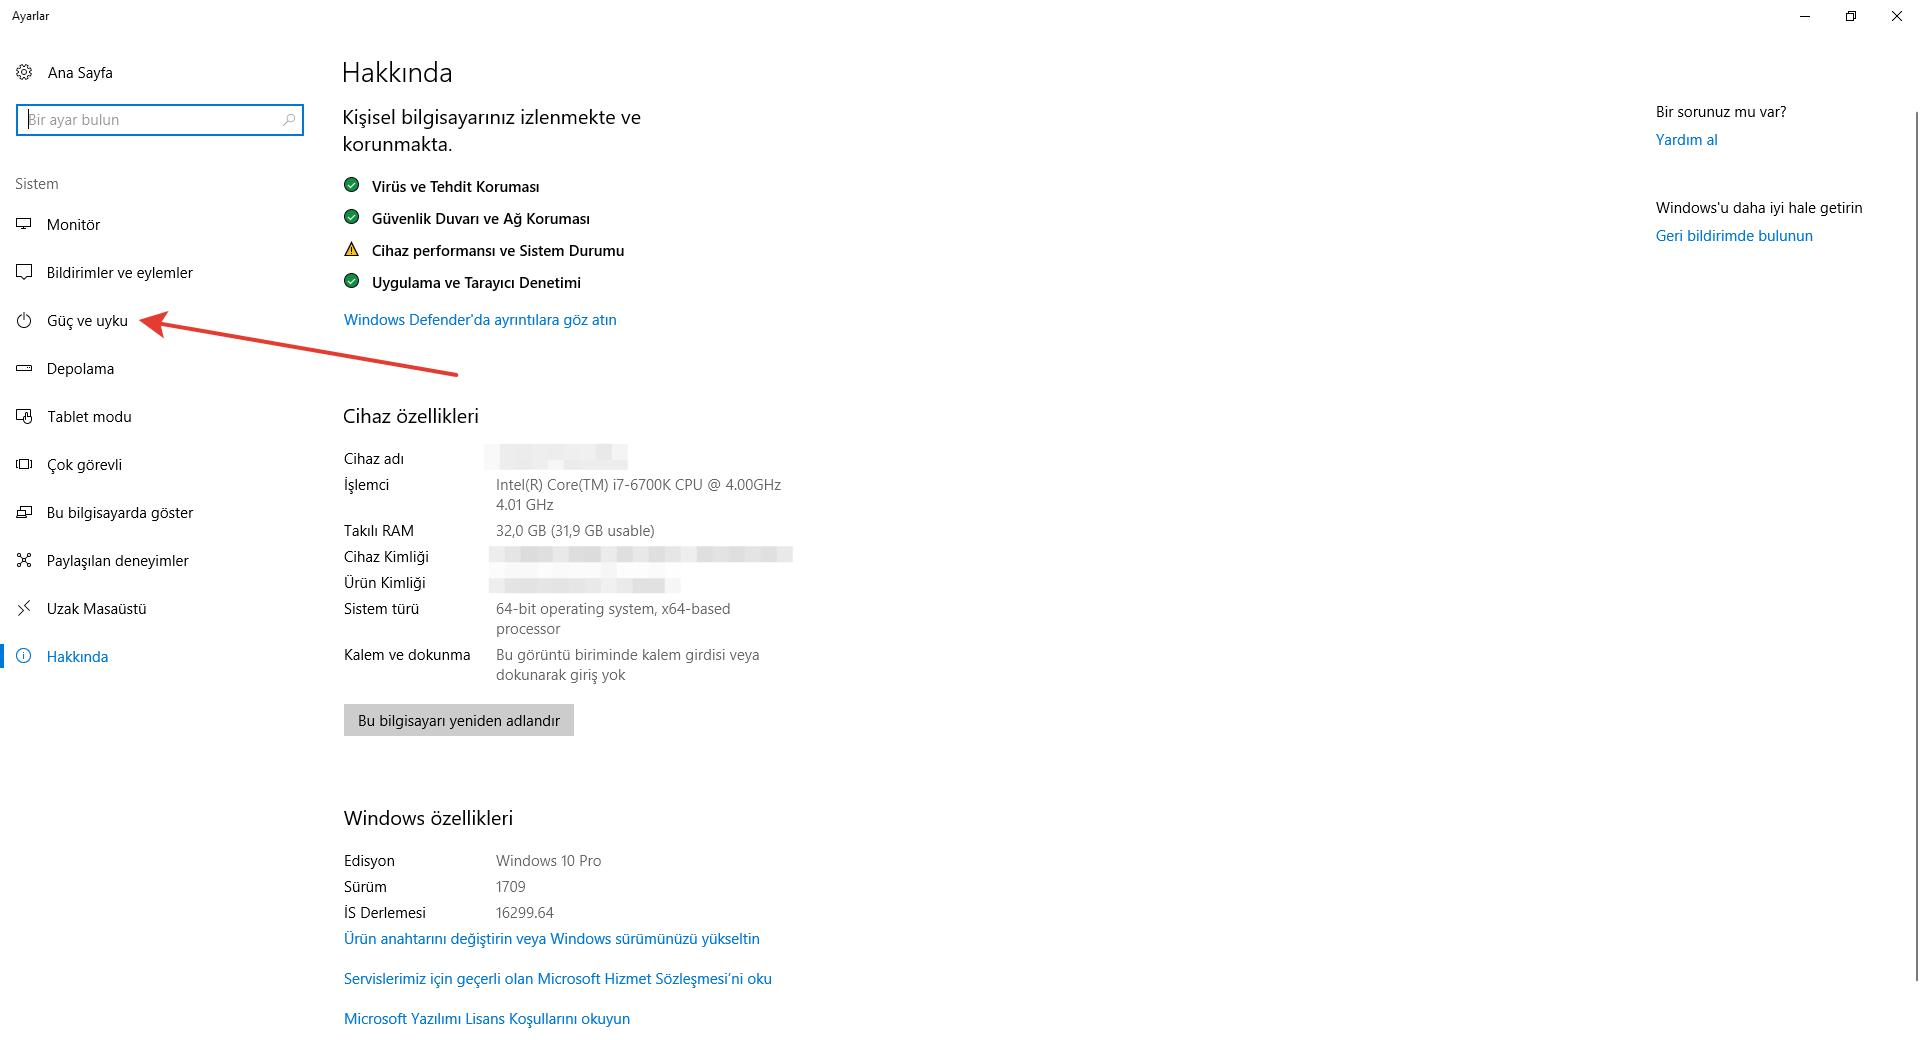 Windows 7/8/8.1/10 Uyku Modu Sorunu 3